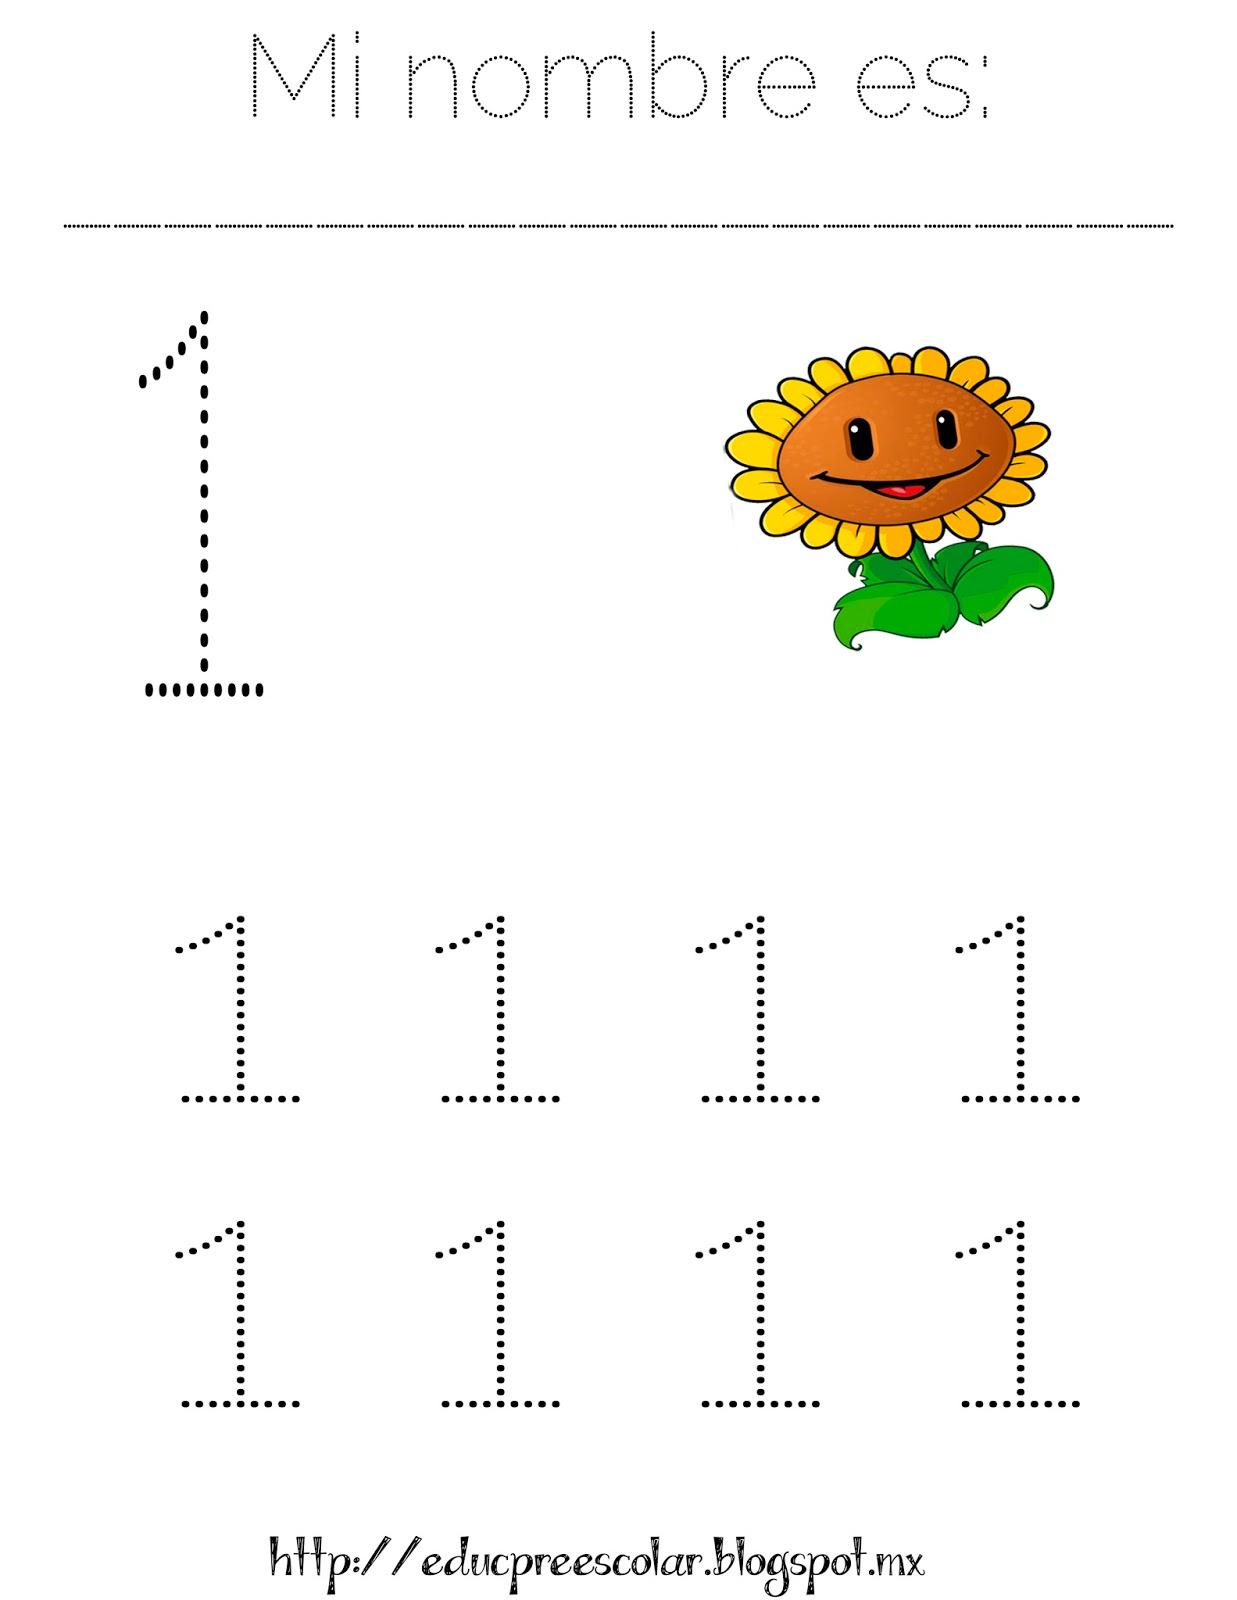 PLANTAS contra ZOMBIS, Hojas de trabajo con números del 1 al 9